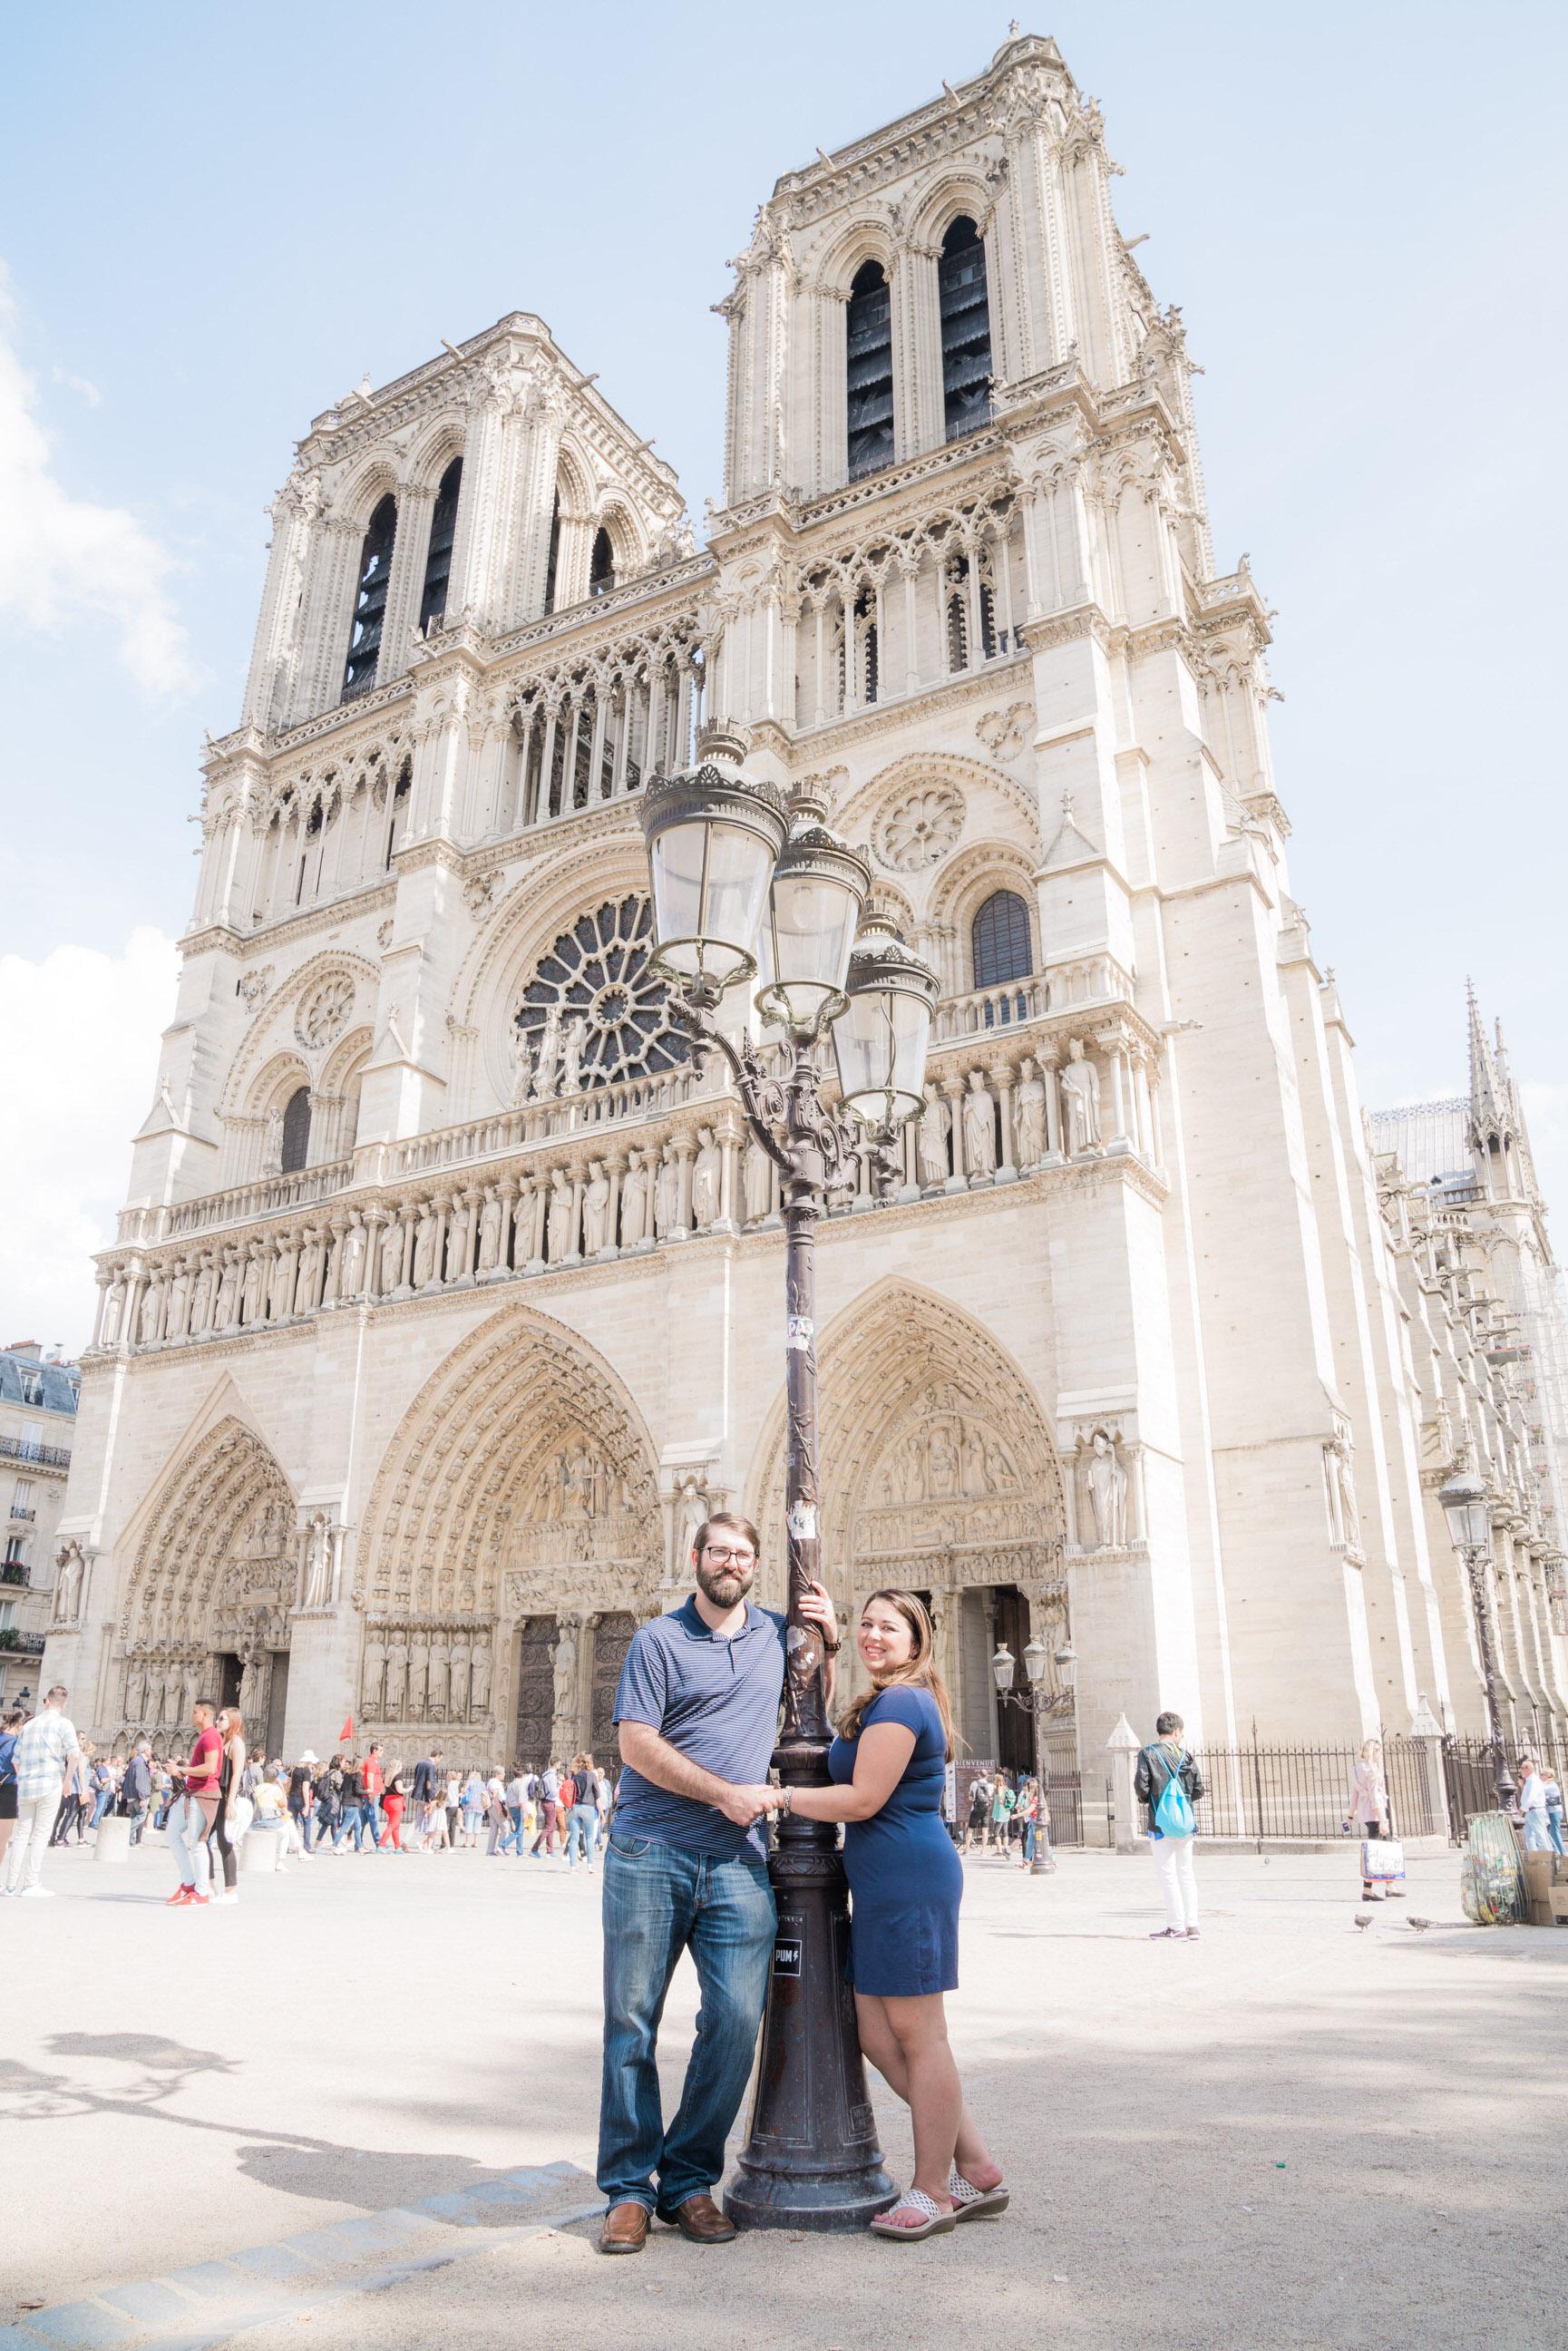 Romantic honeymoon photo session in the Latin Quarter in Paris